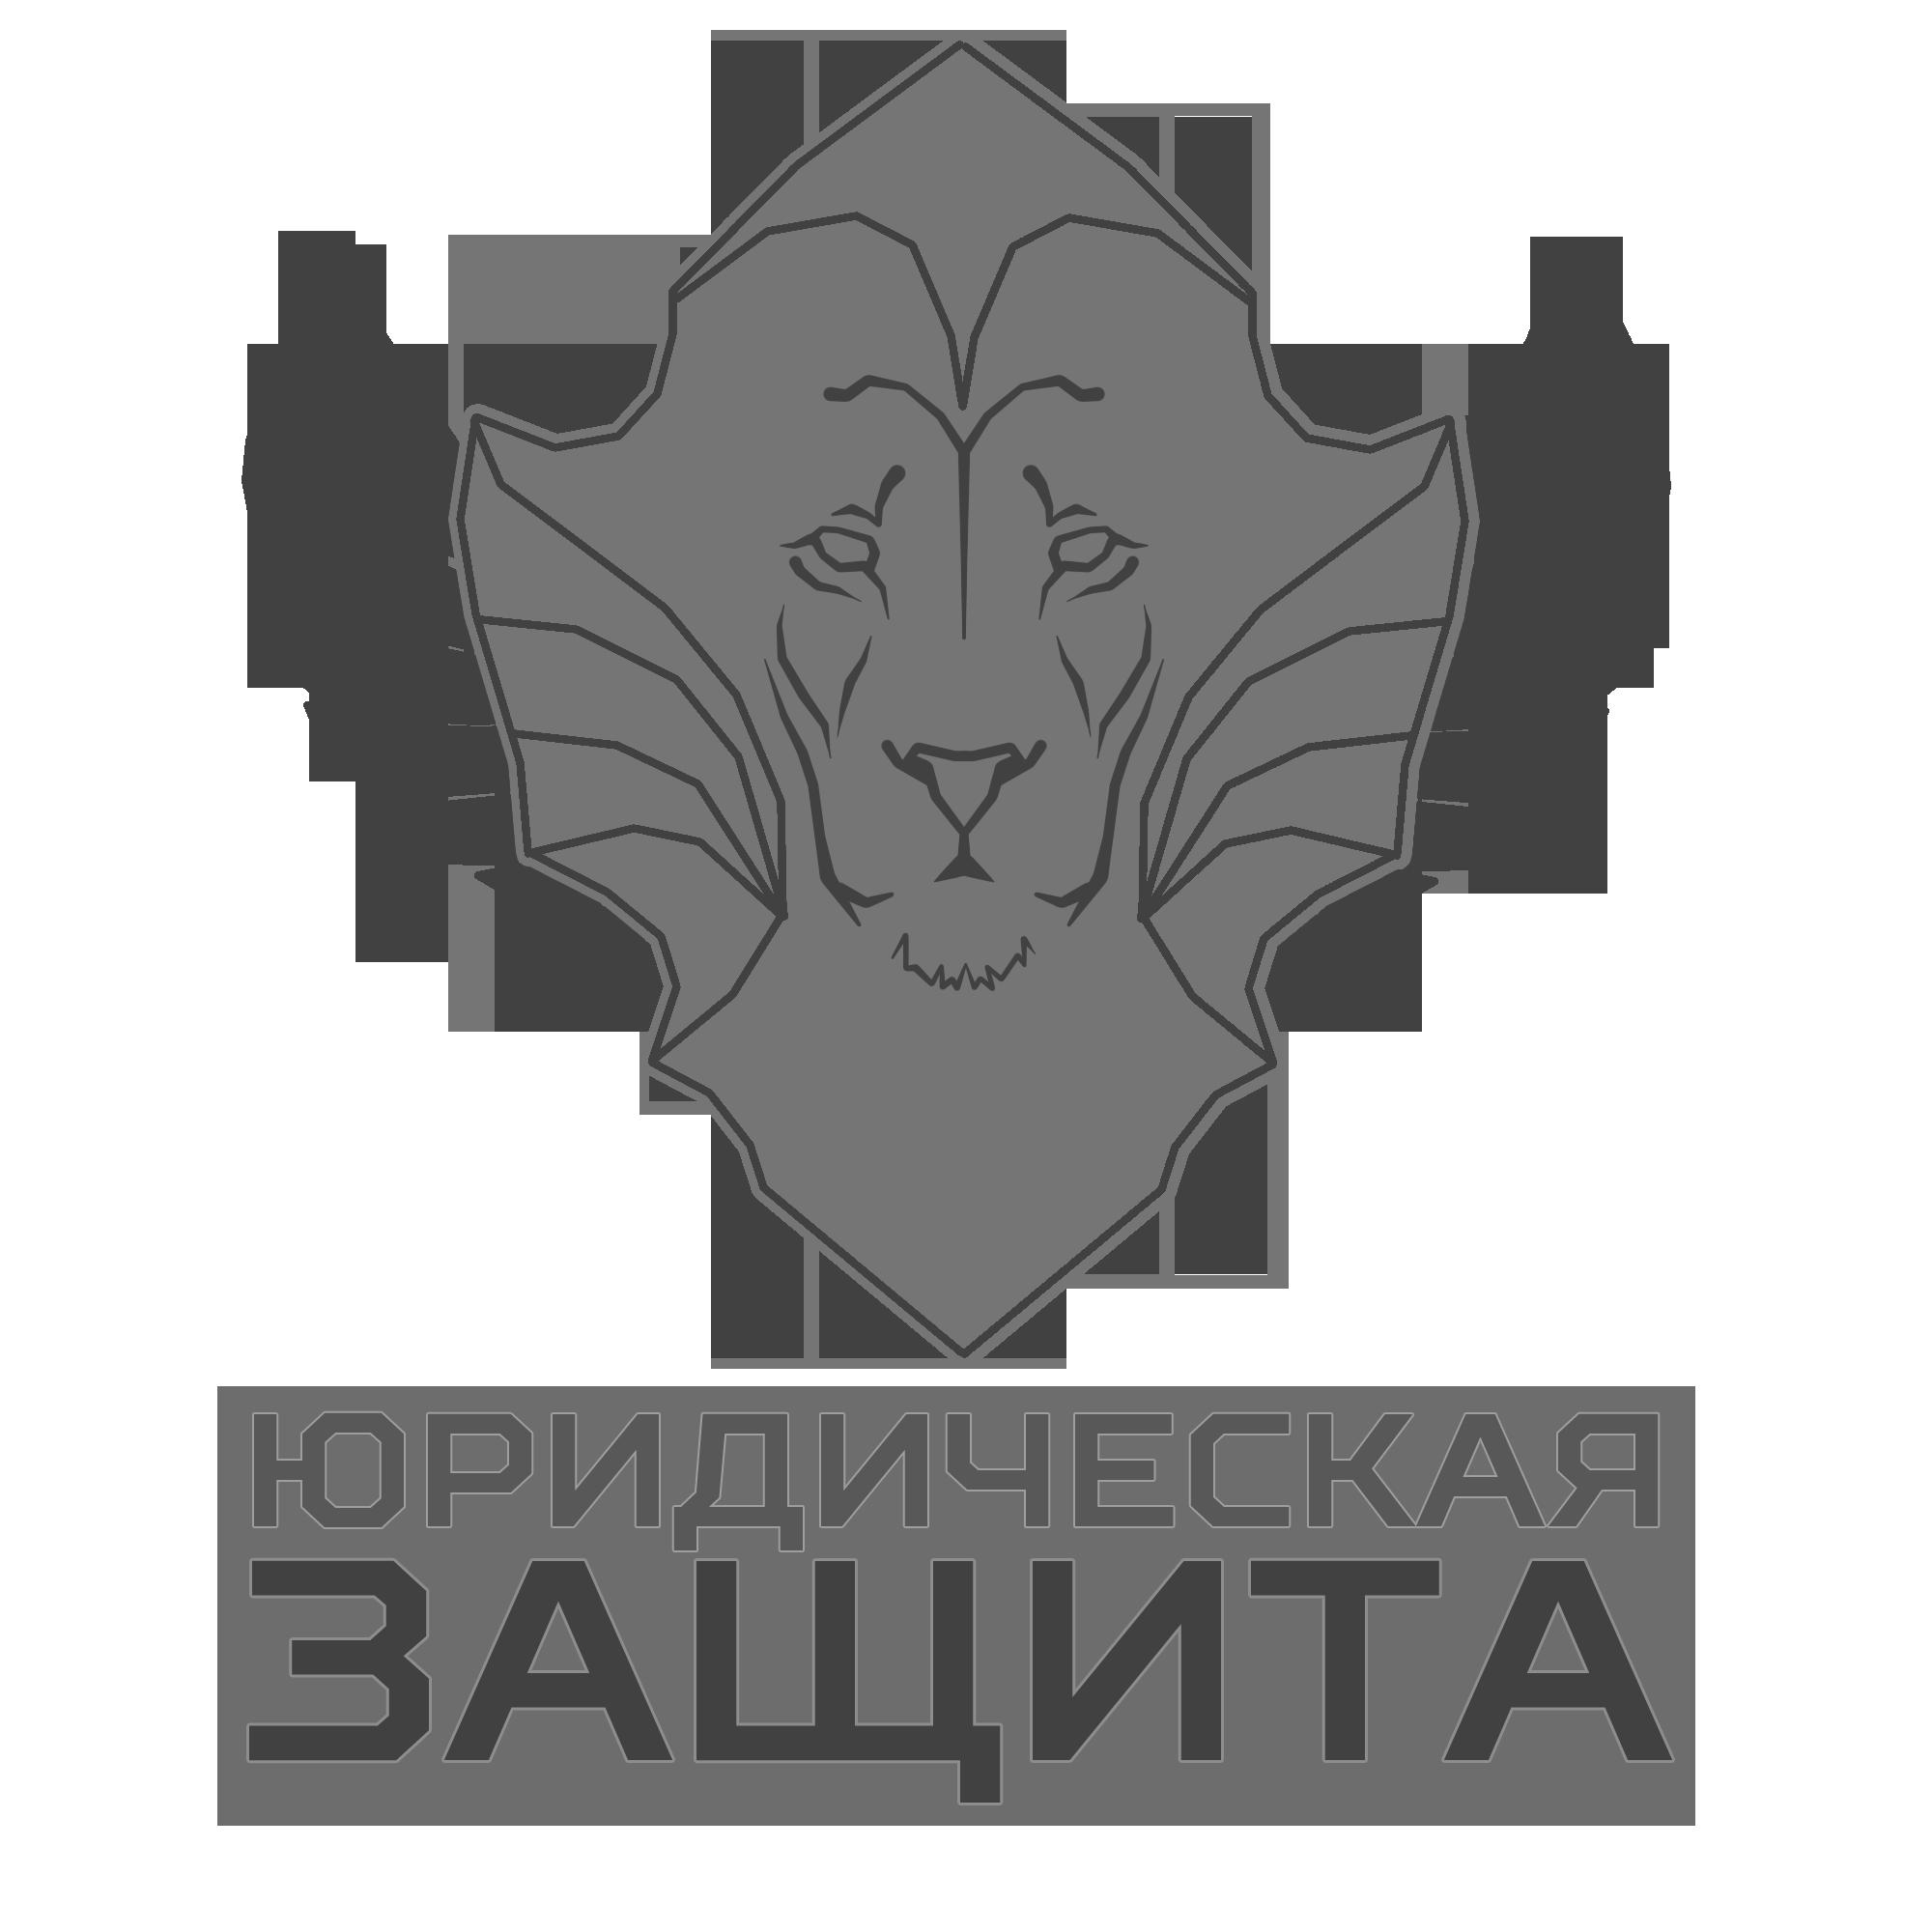 Разработка логотипа для юридической компании фото f_57655de054014069.png